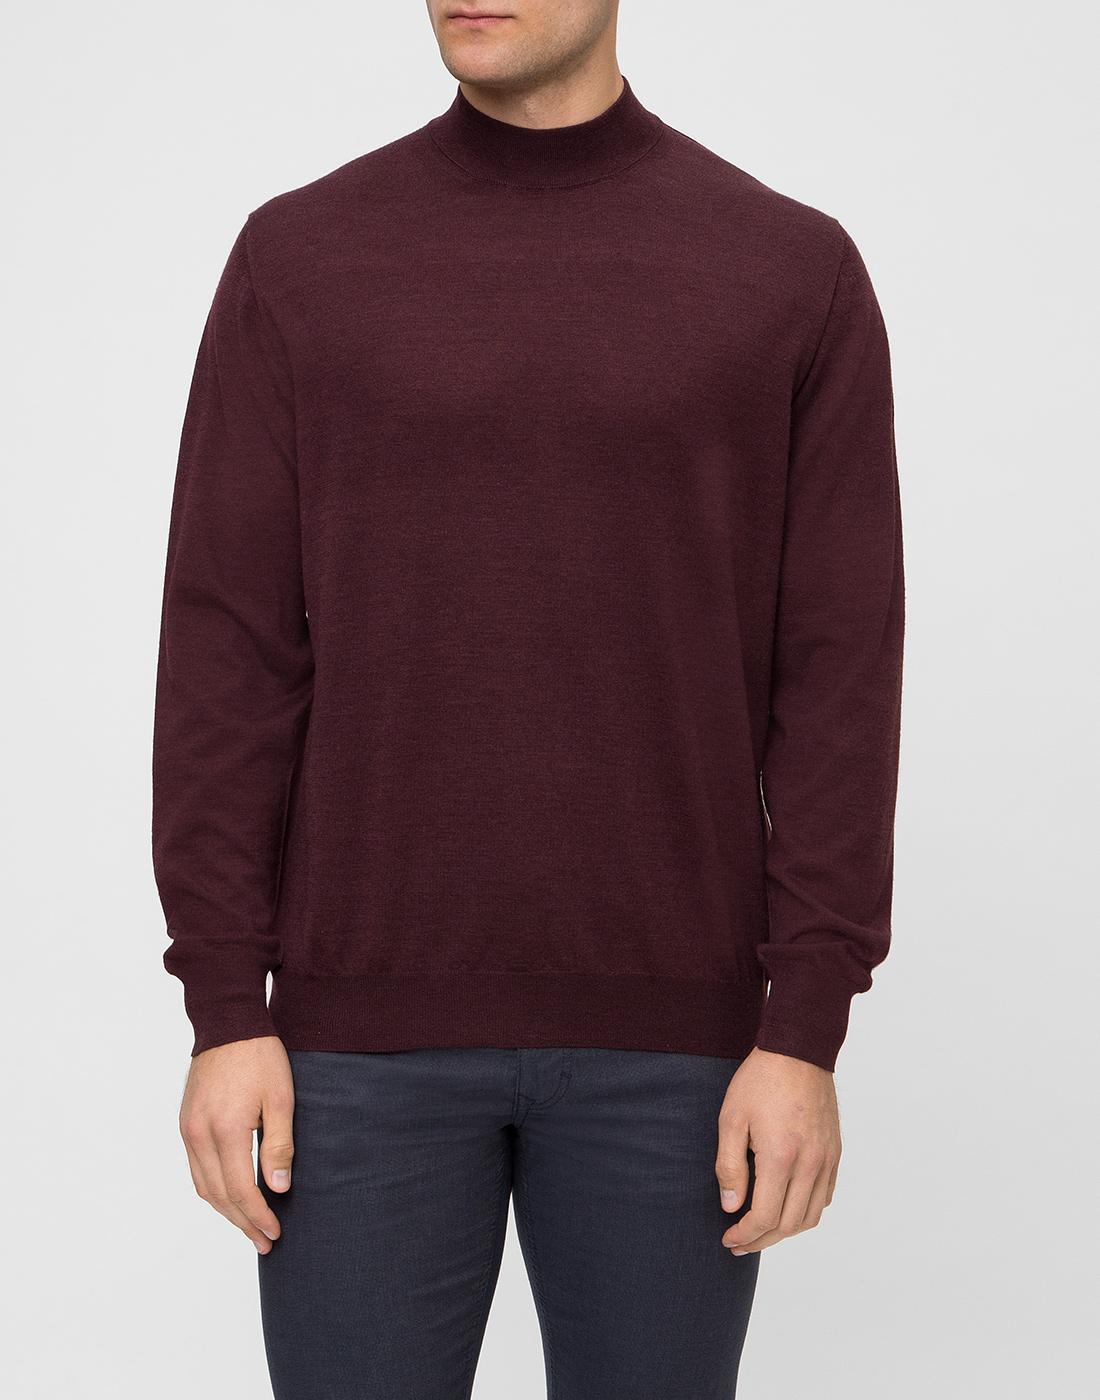 Мужской бордовый шерстяной свитер Dalmine S797020 835-2